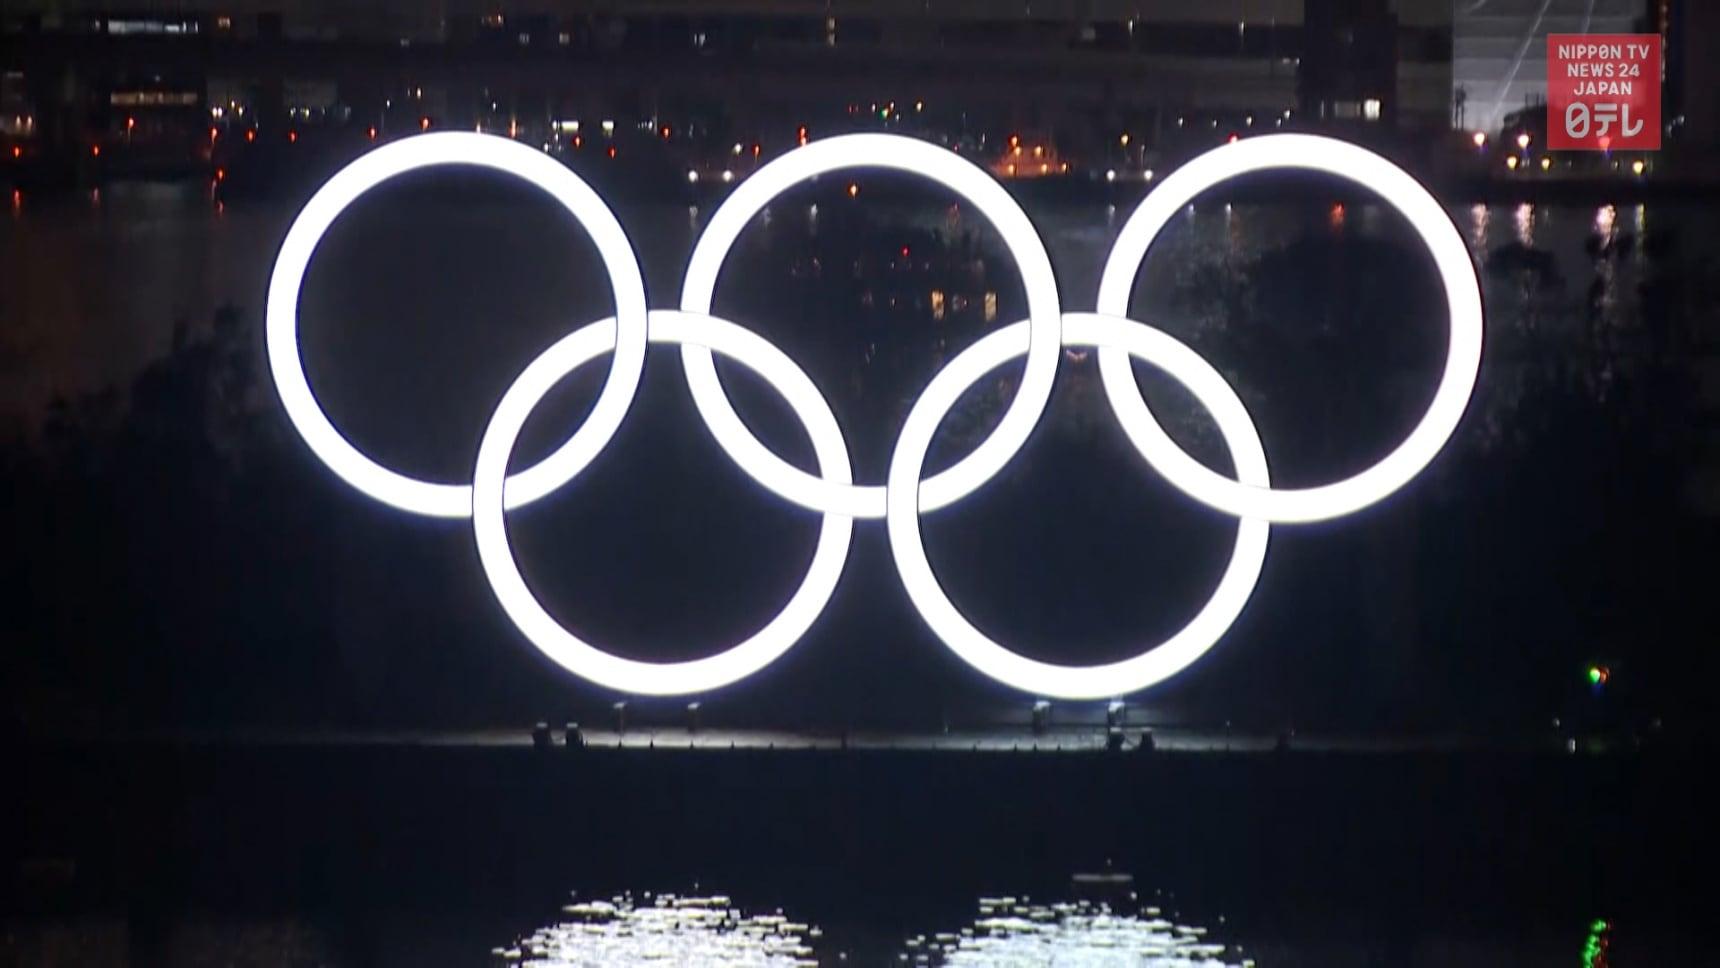 Repercussions of Tokyo Olympic postponement